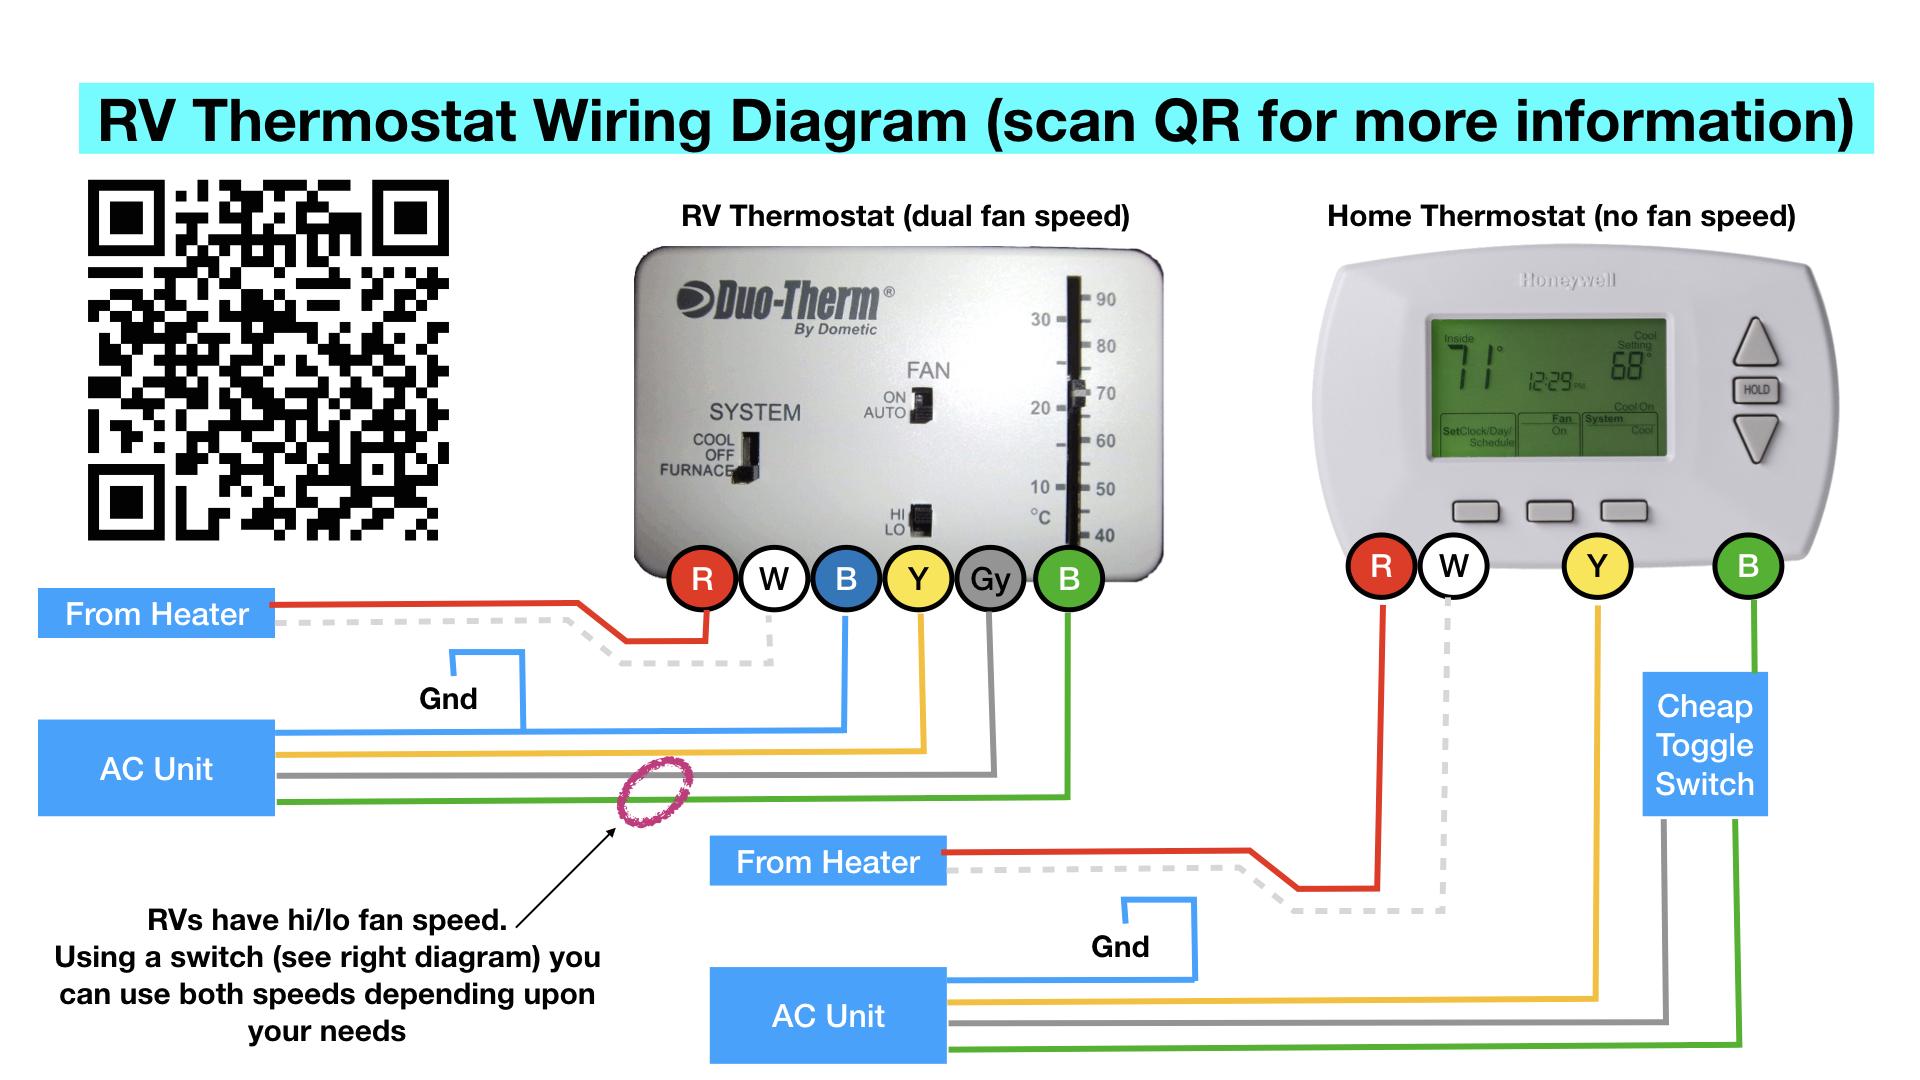 rv thermostat wiring diagram data schematic diagram coleman mach rv thermostat wiring diagram labeled